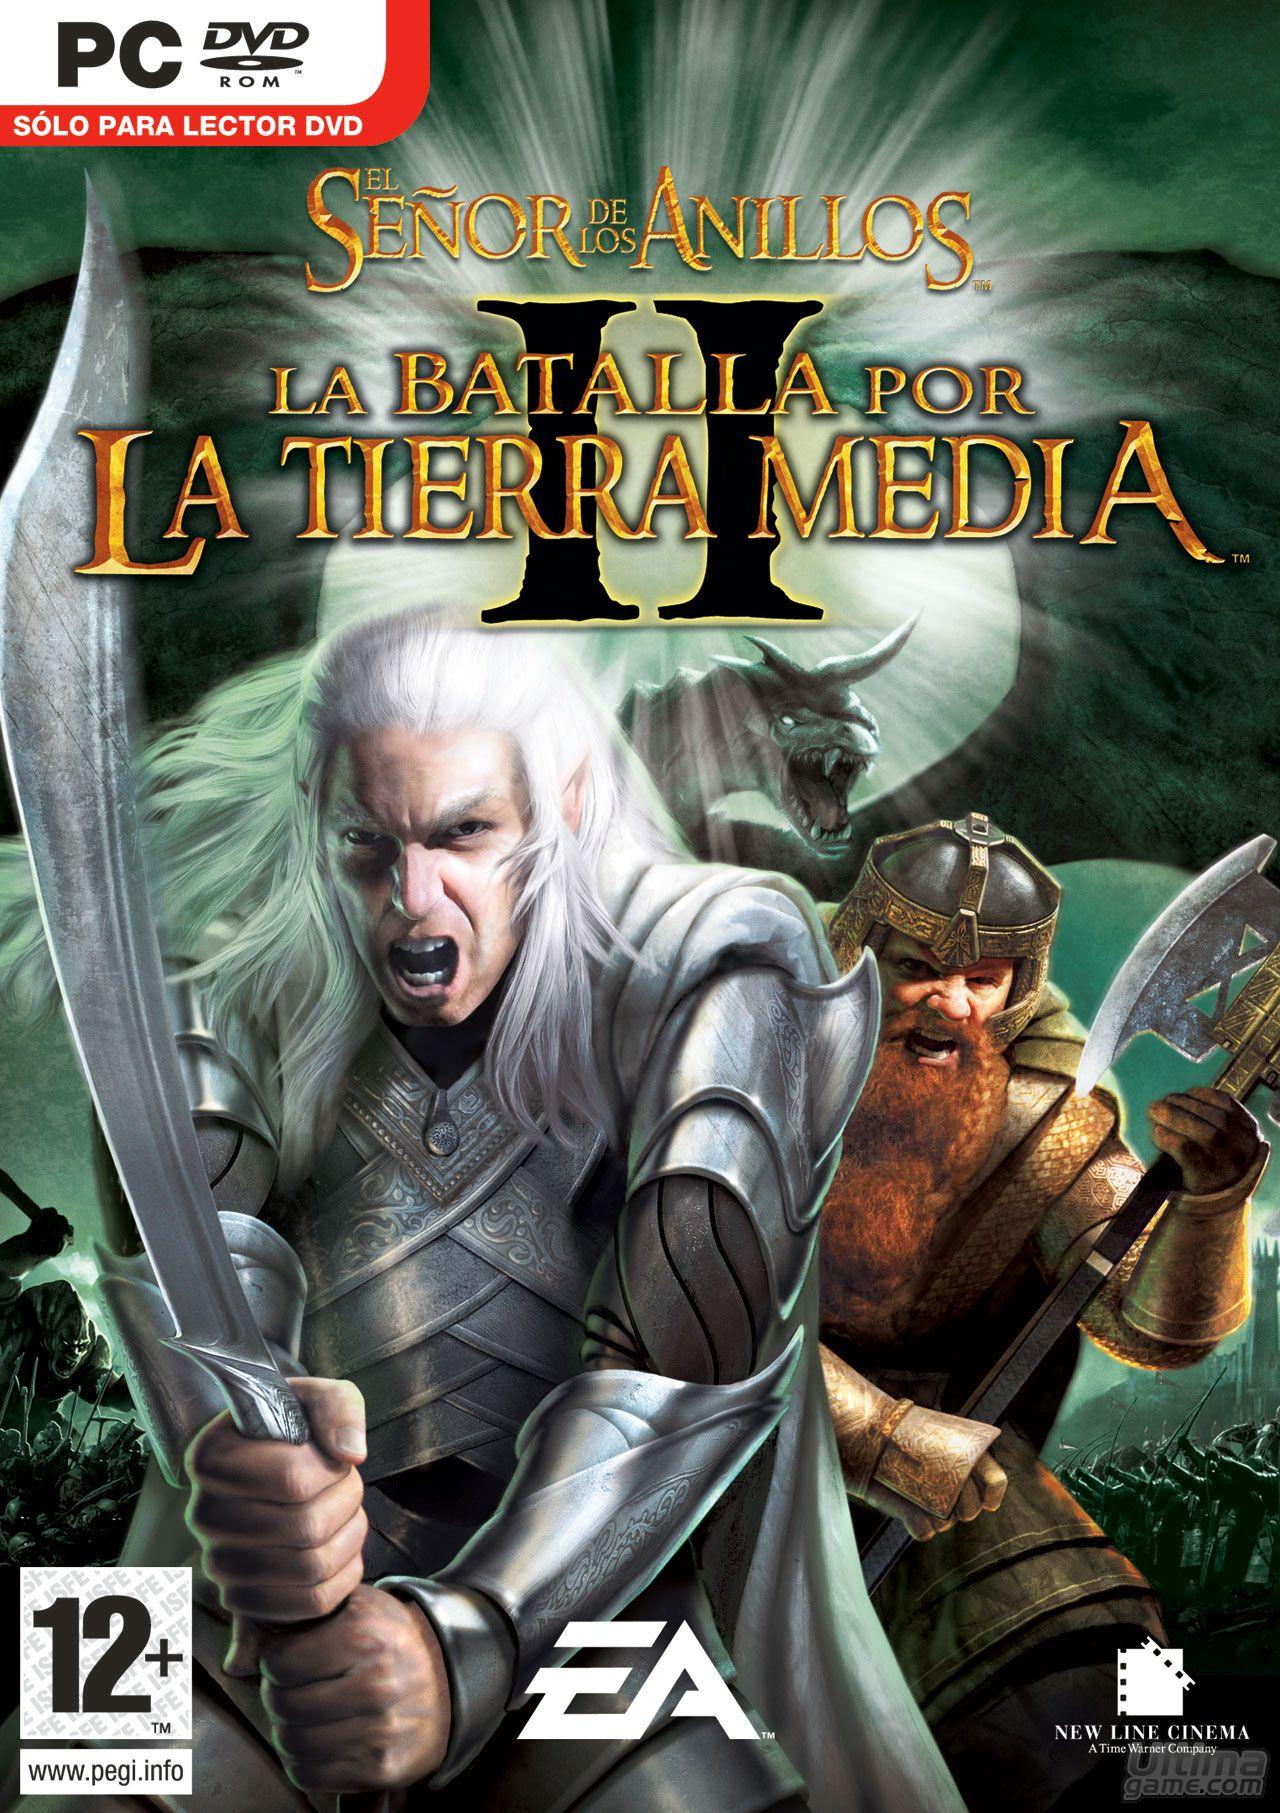 Portada en español y cuatro nuevas imágenes de El Señor de los Anillos: Batalla por la Tierra Media 2 para PC de El Señor de los Anillos: La Batalla por la Tierra Media 2 - imagen 4